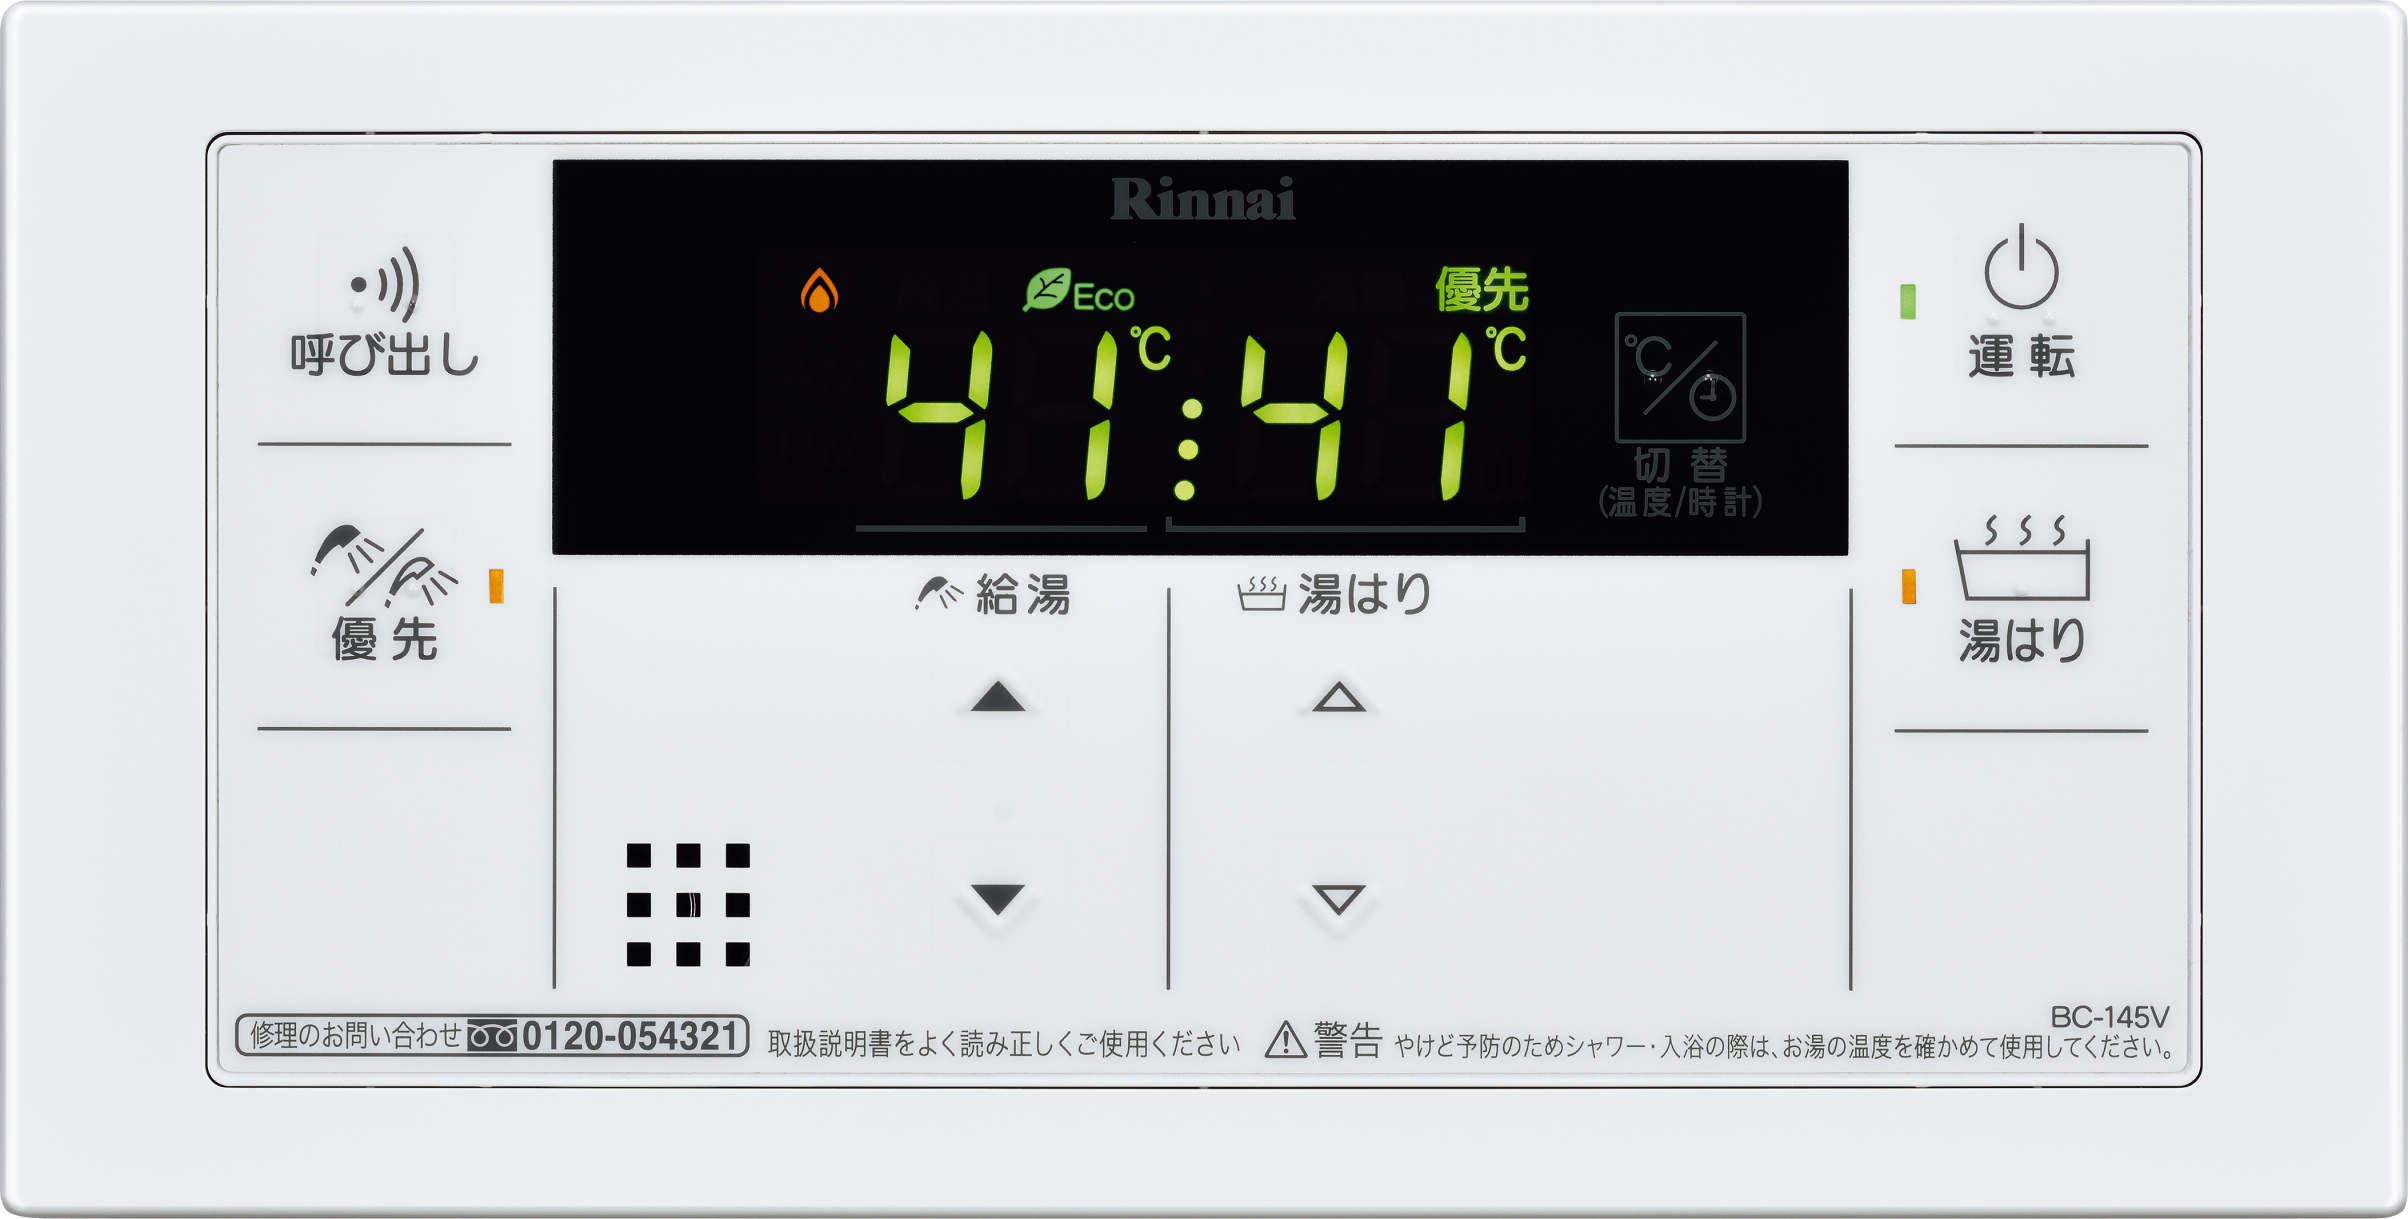 12.リンナイ BC-145V